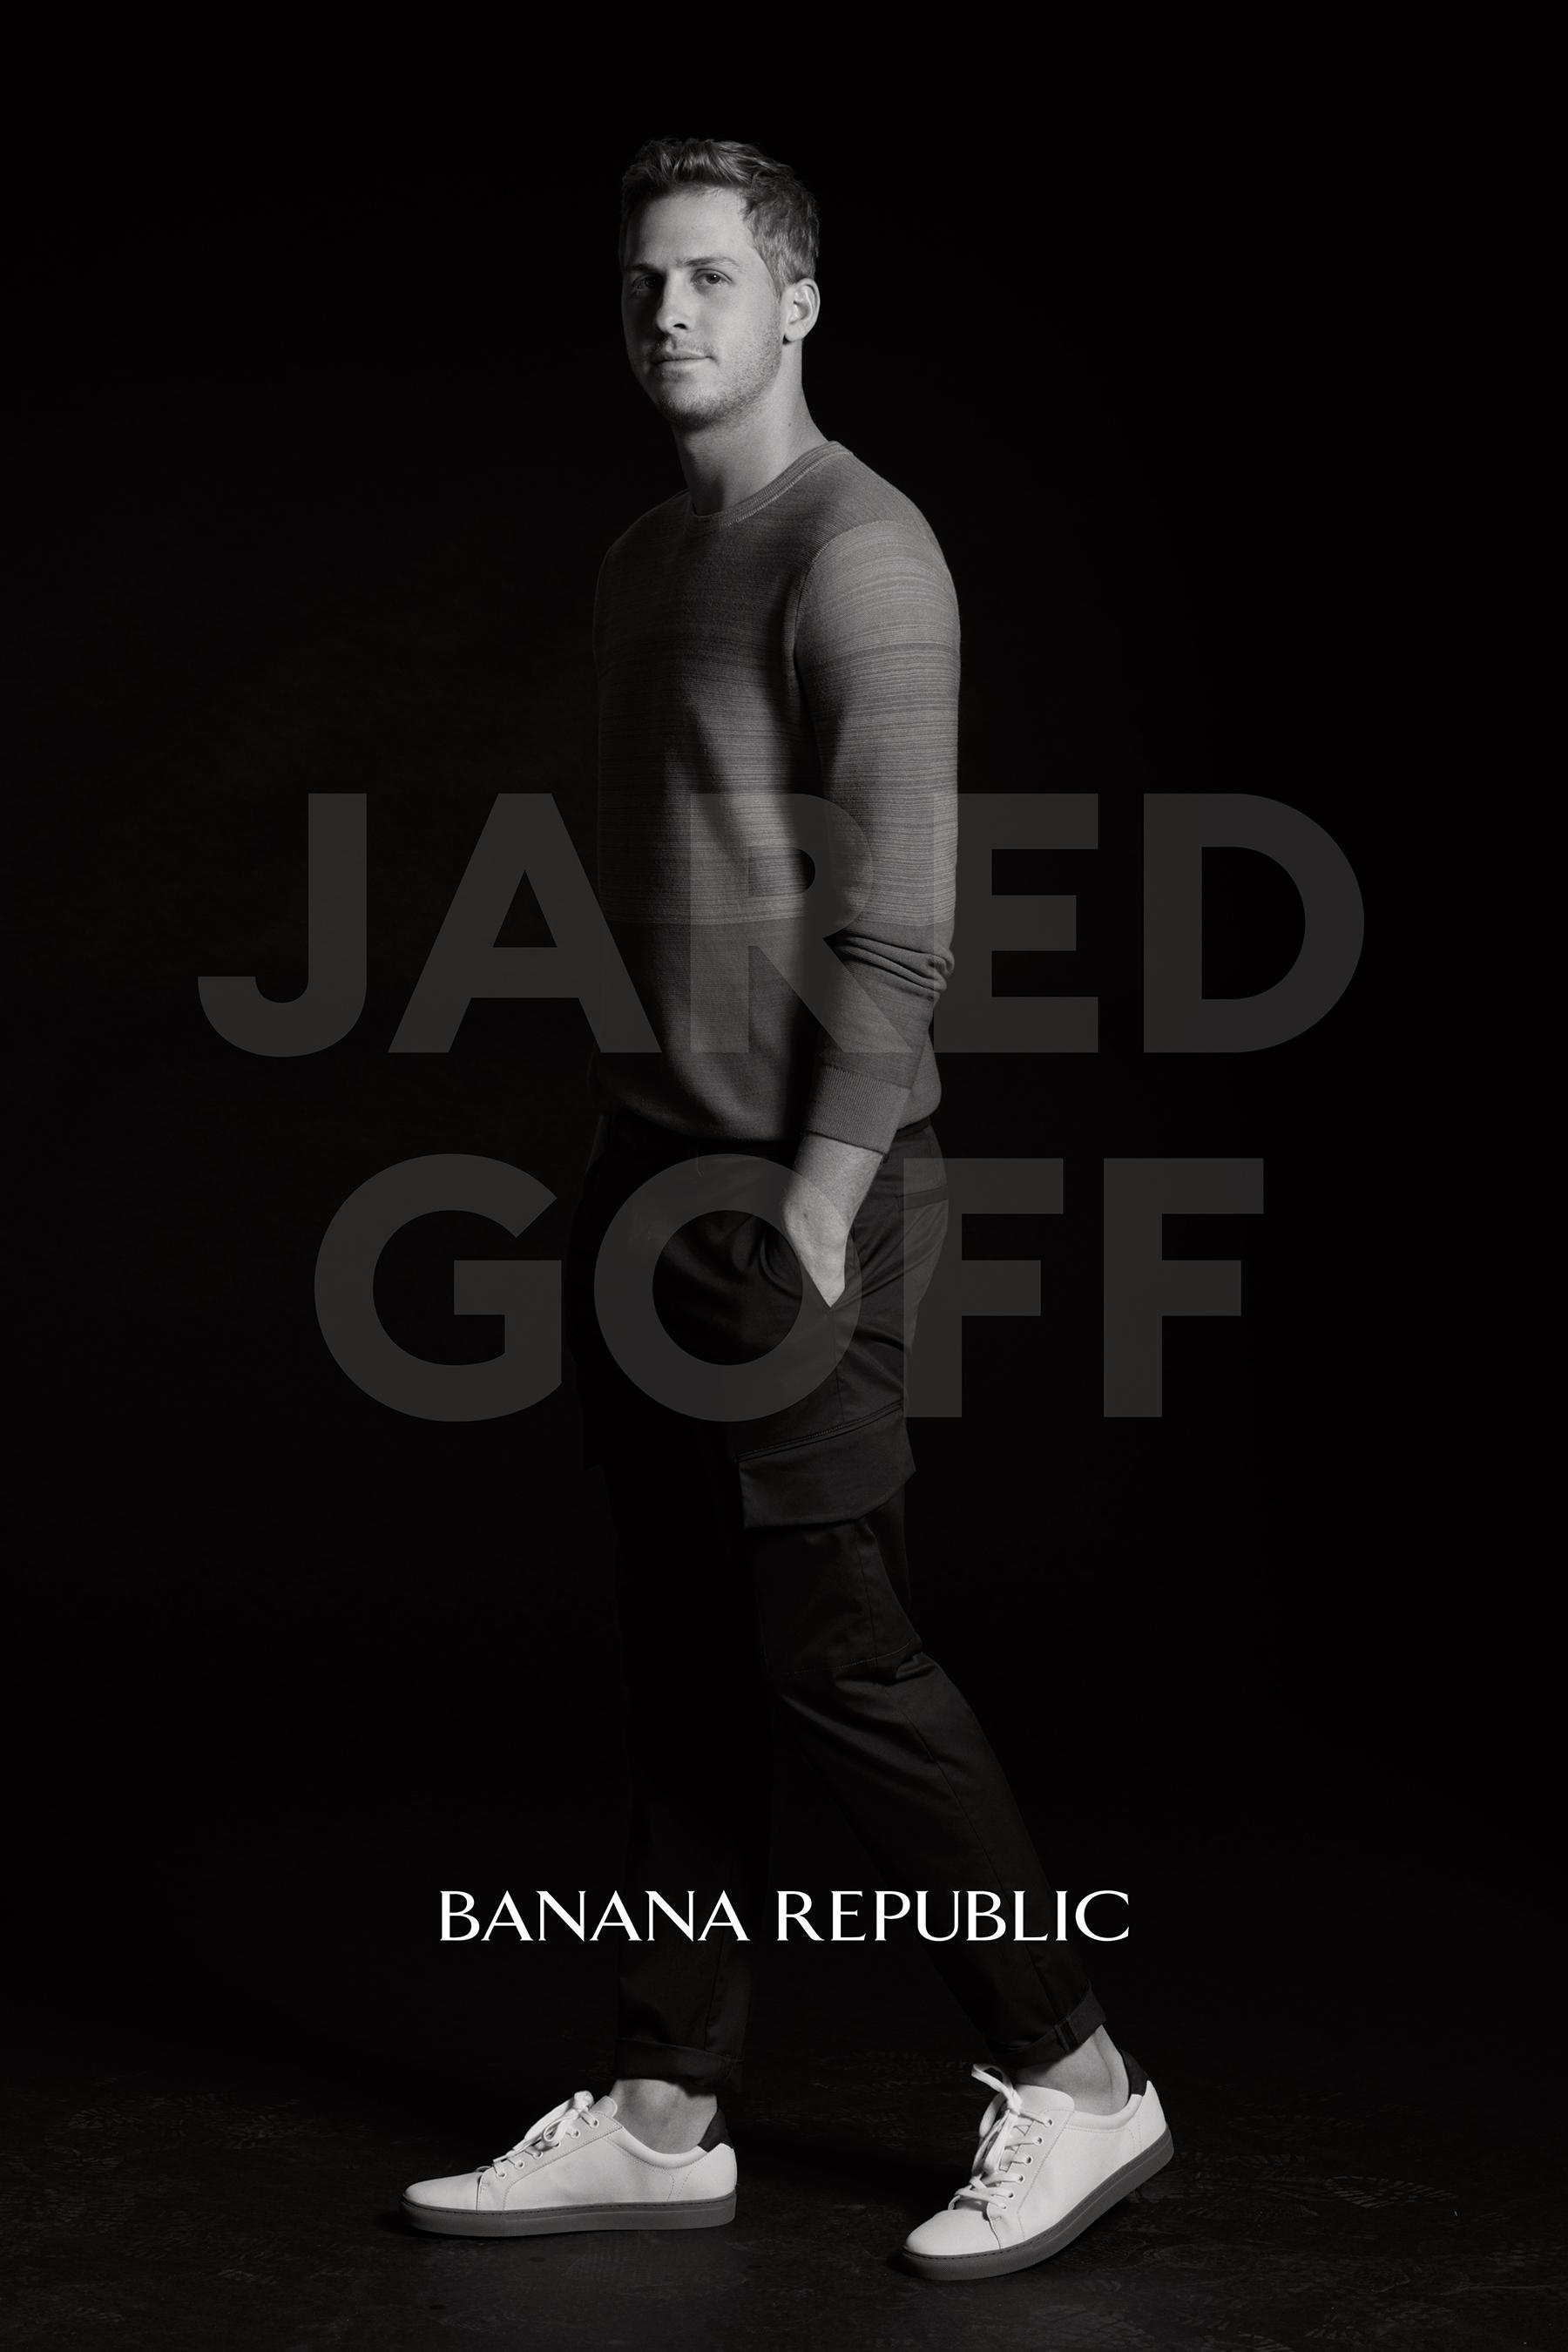 JaredGoff.jpg